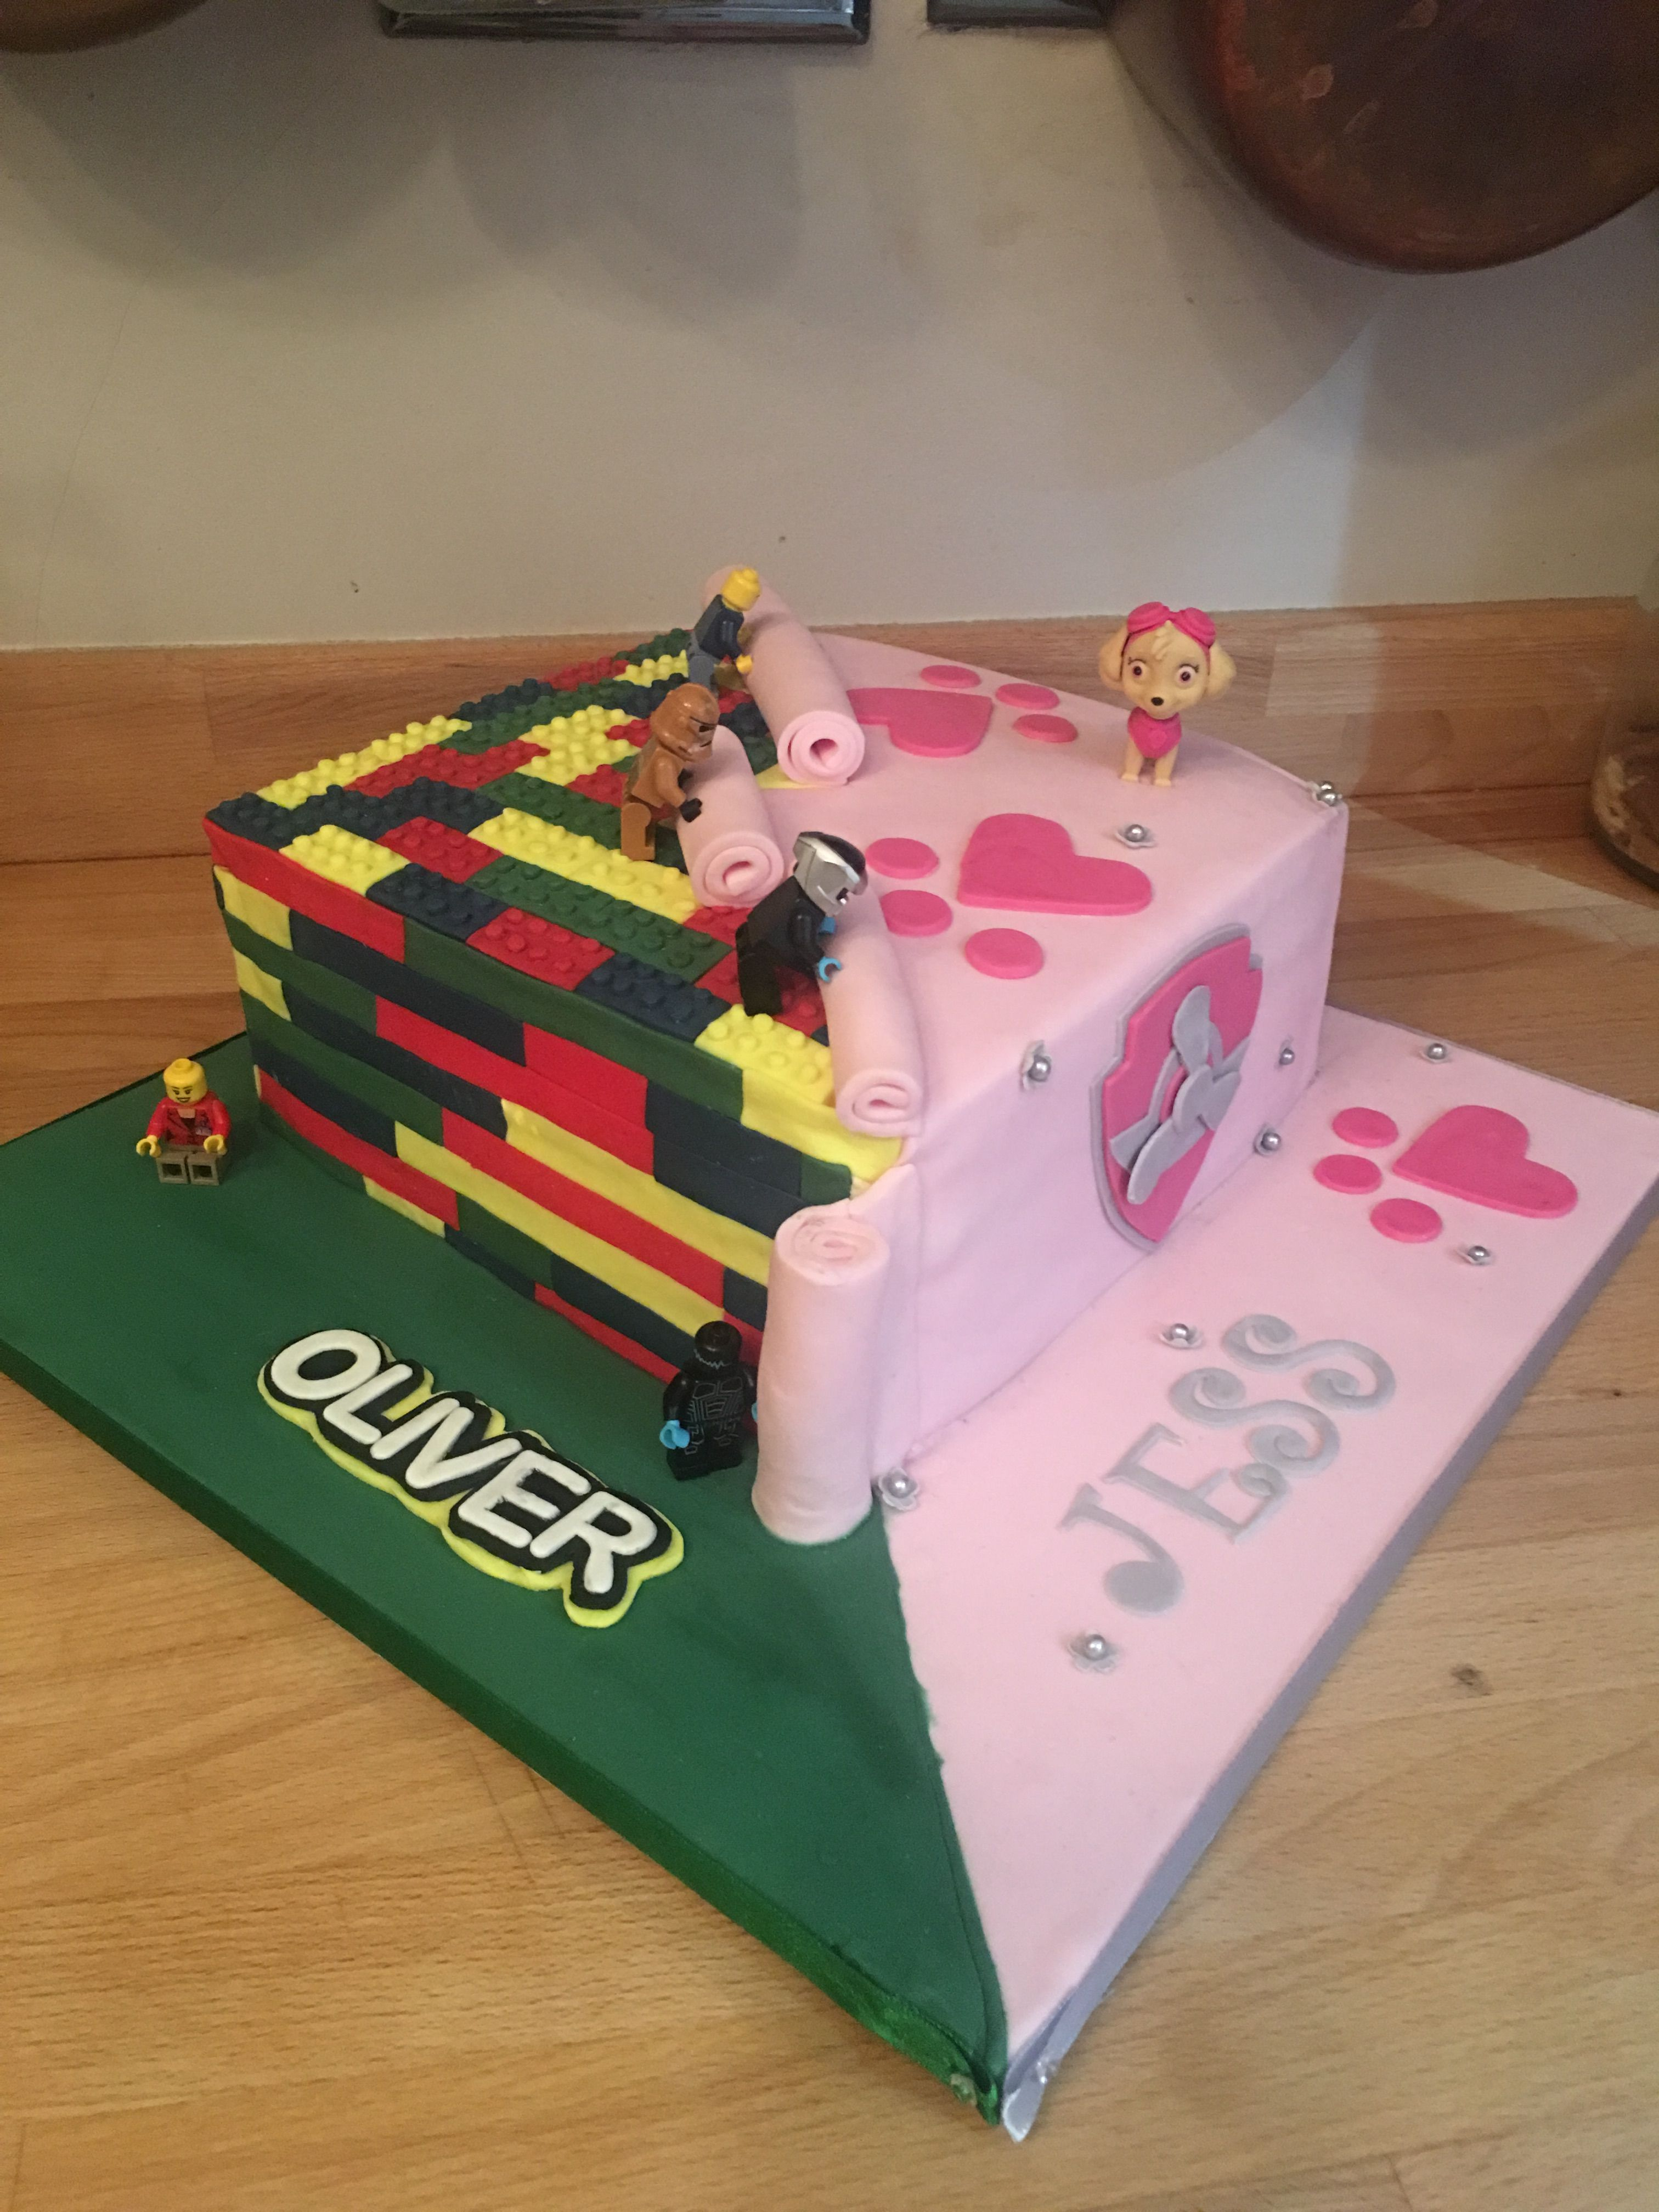 Superb Twins Boy And Girl Lego And Paw Patrol Cake Paw Patrol Birthday Funny Birthday Cards Online Inifodamsfinfo